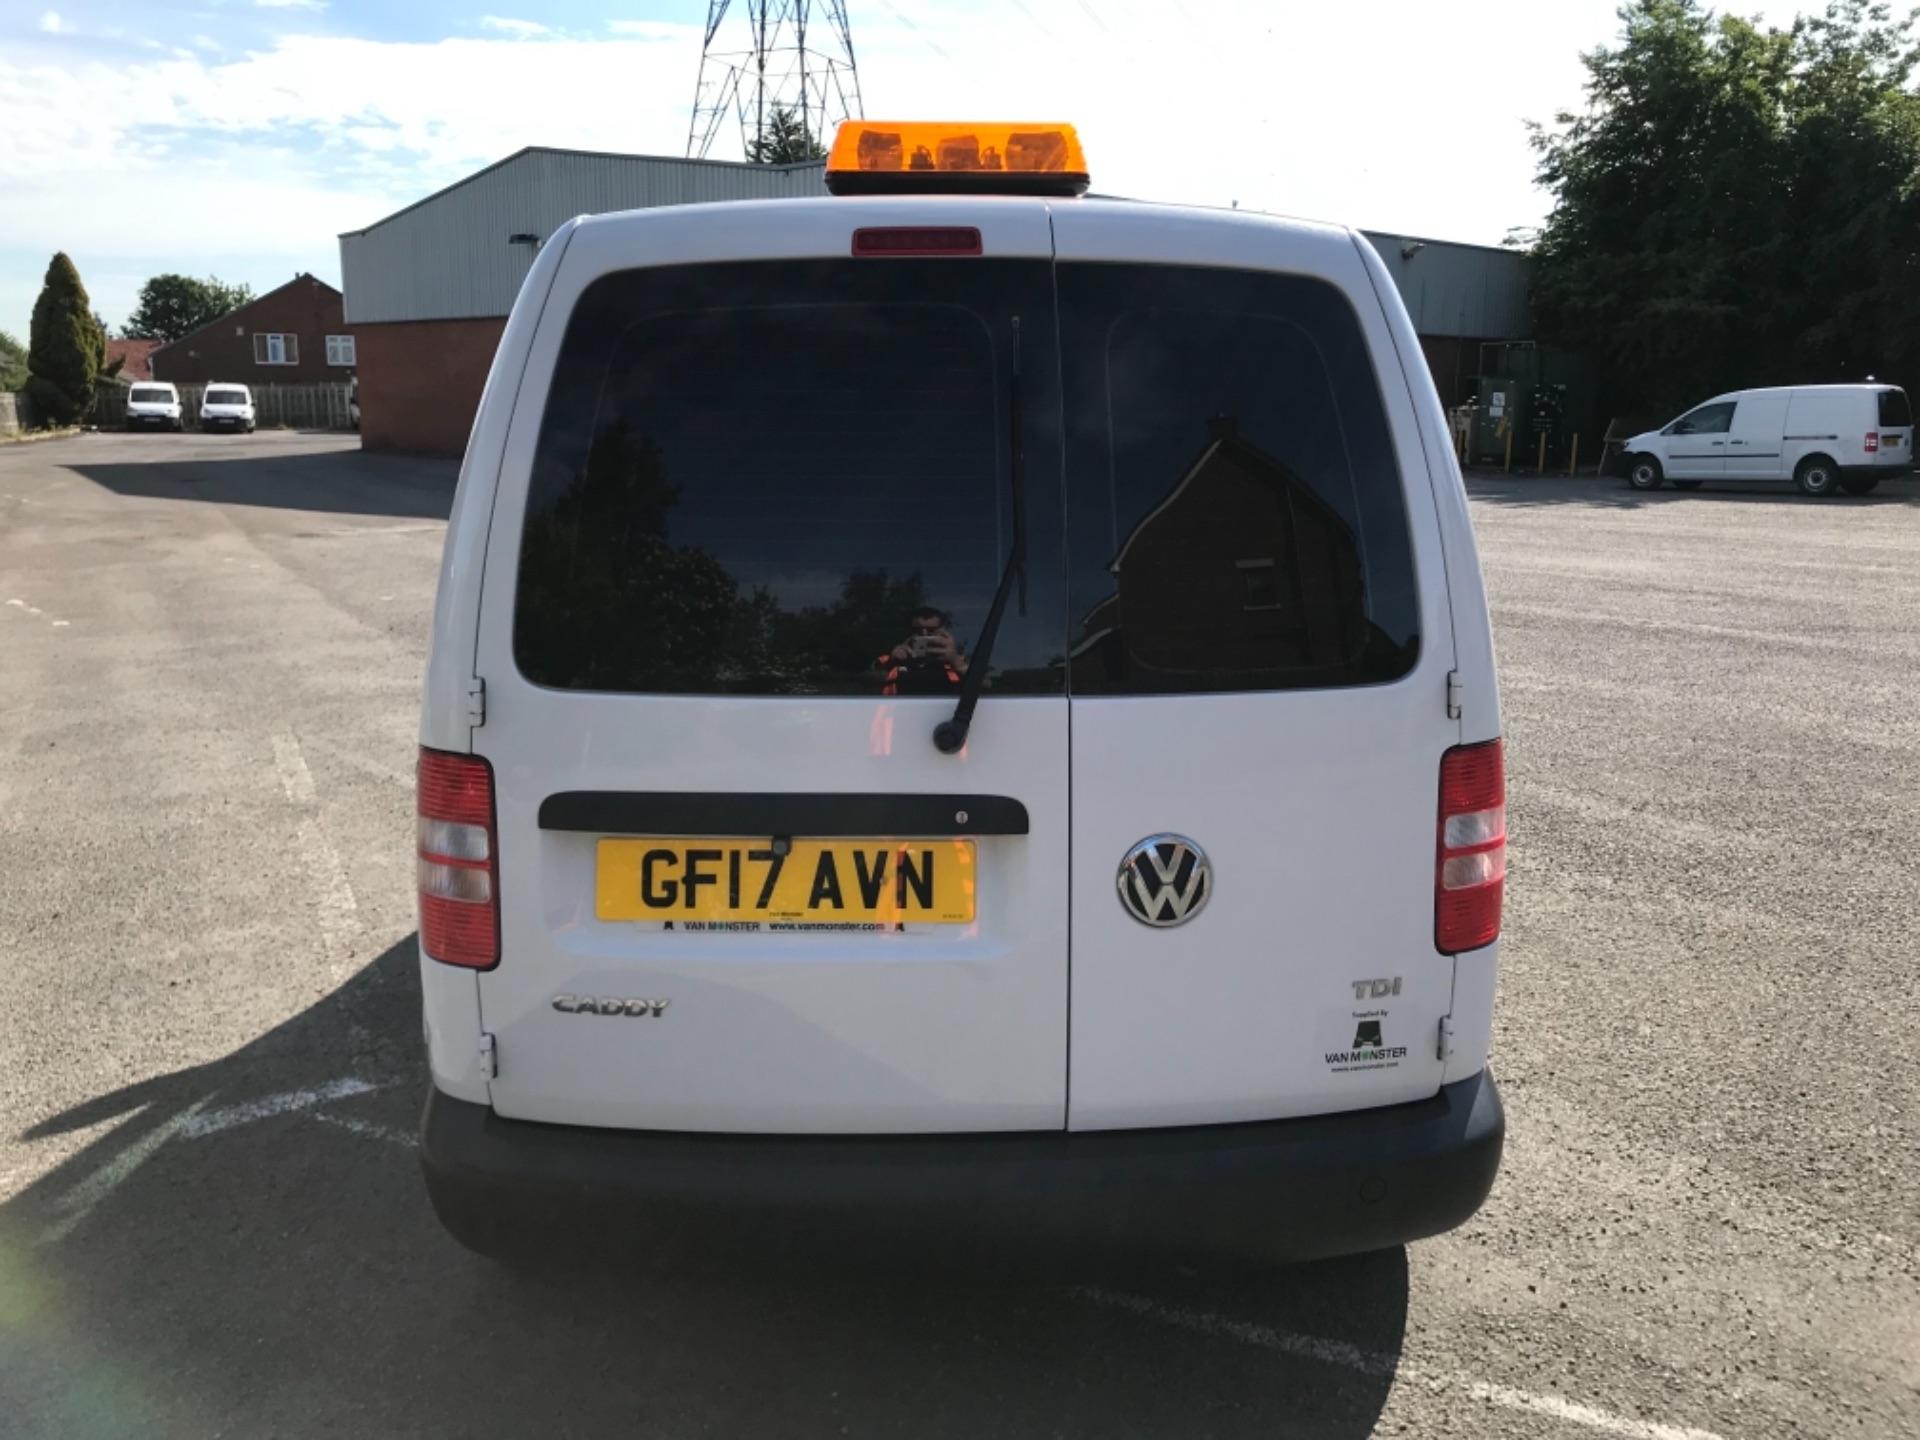 2017 Volkswagen Caddy 1.6 Tdi 75Ps Startline Van (GF17AVN) Image 6